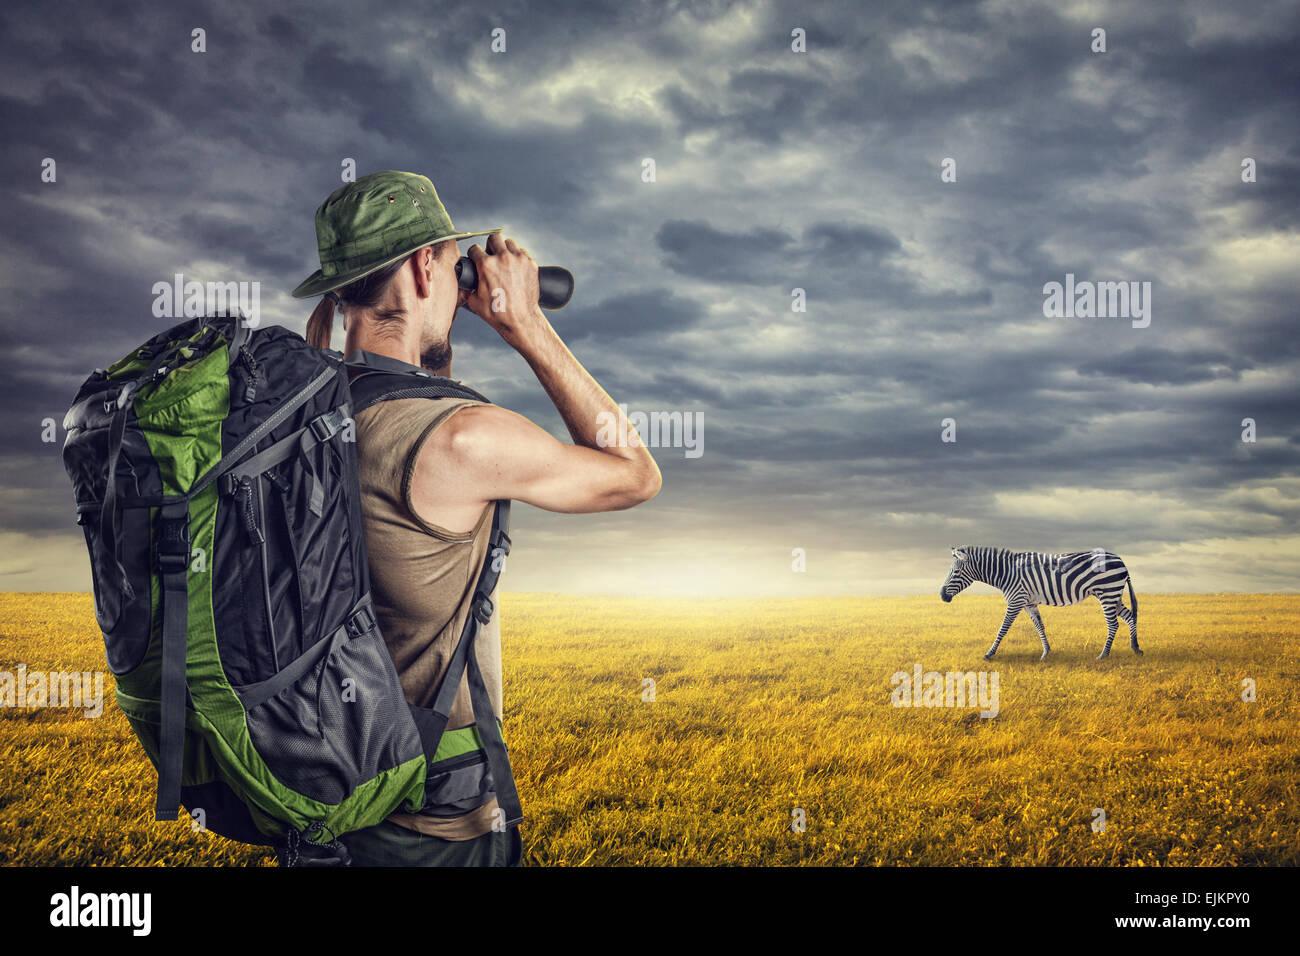 Hombre con prismáticos viendo la cebra en la sabana al atardecer cielo con nubes dramáticas Imagen De Stock